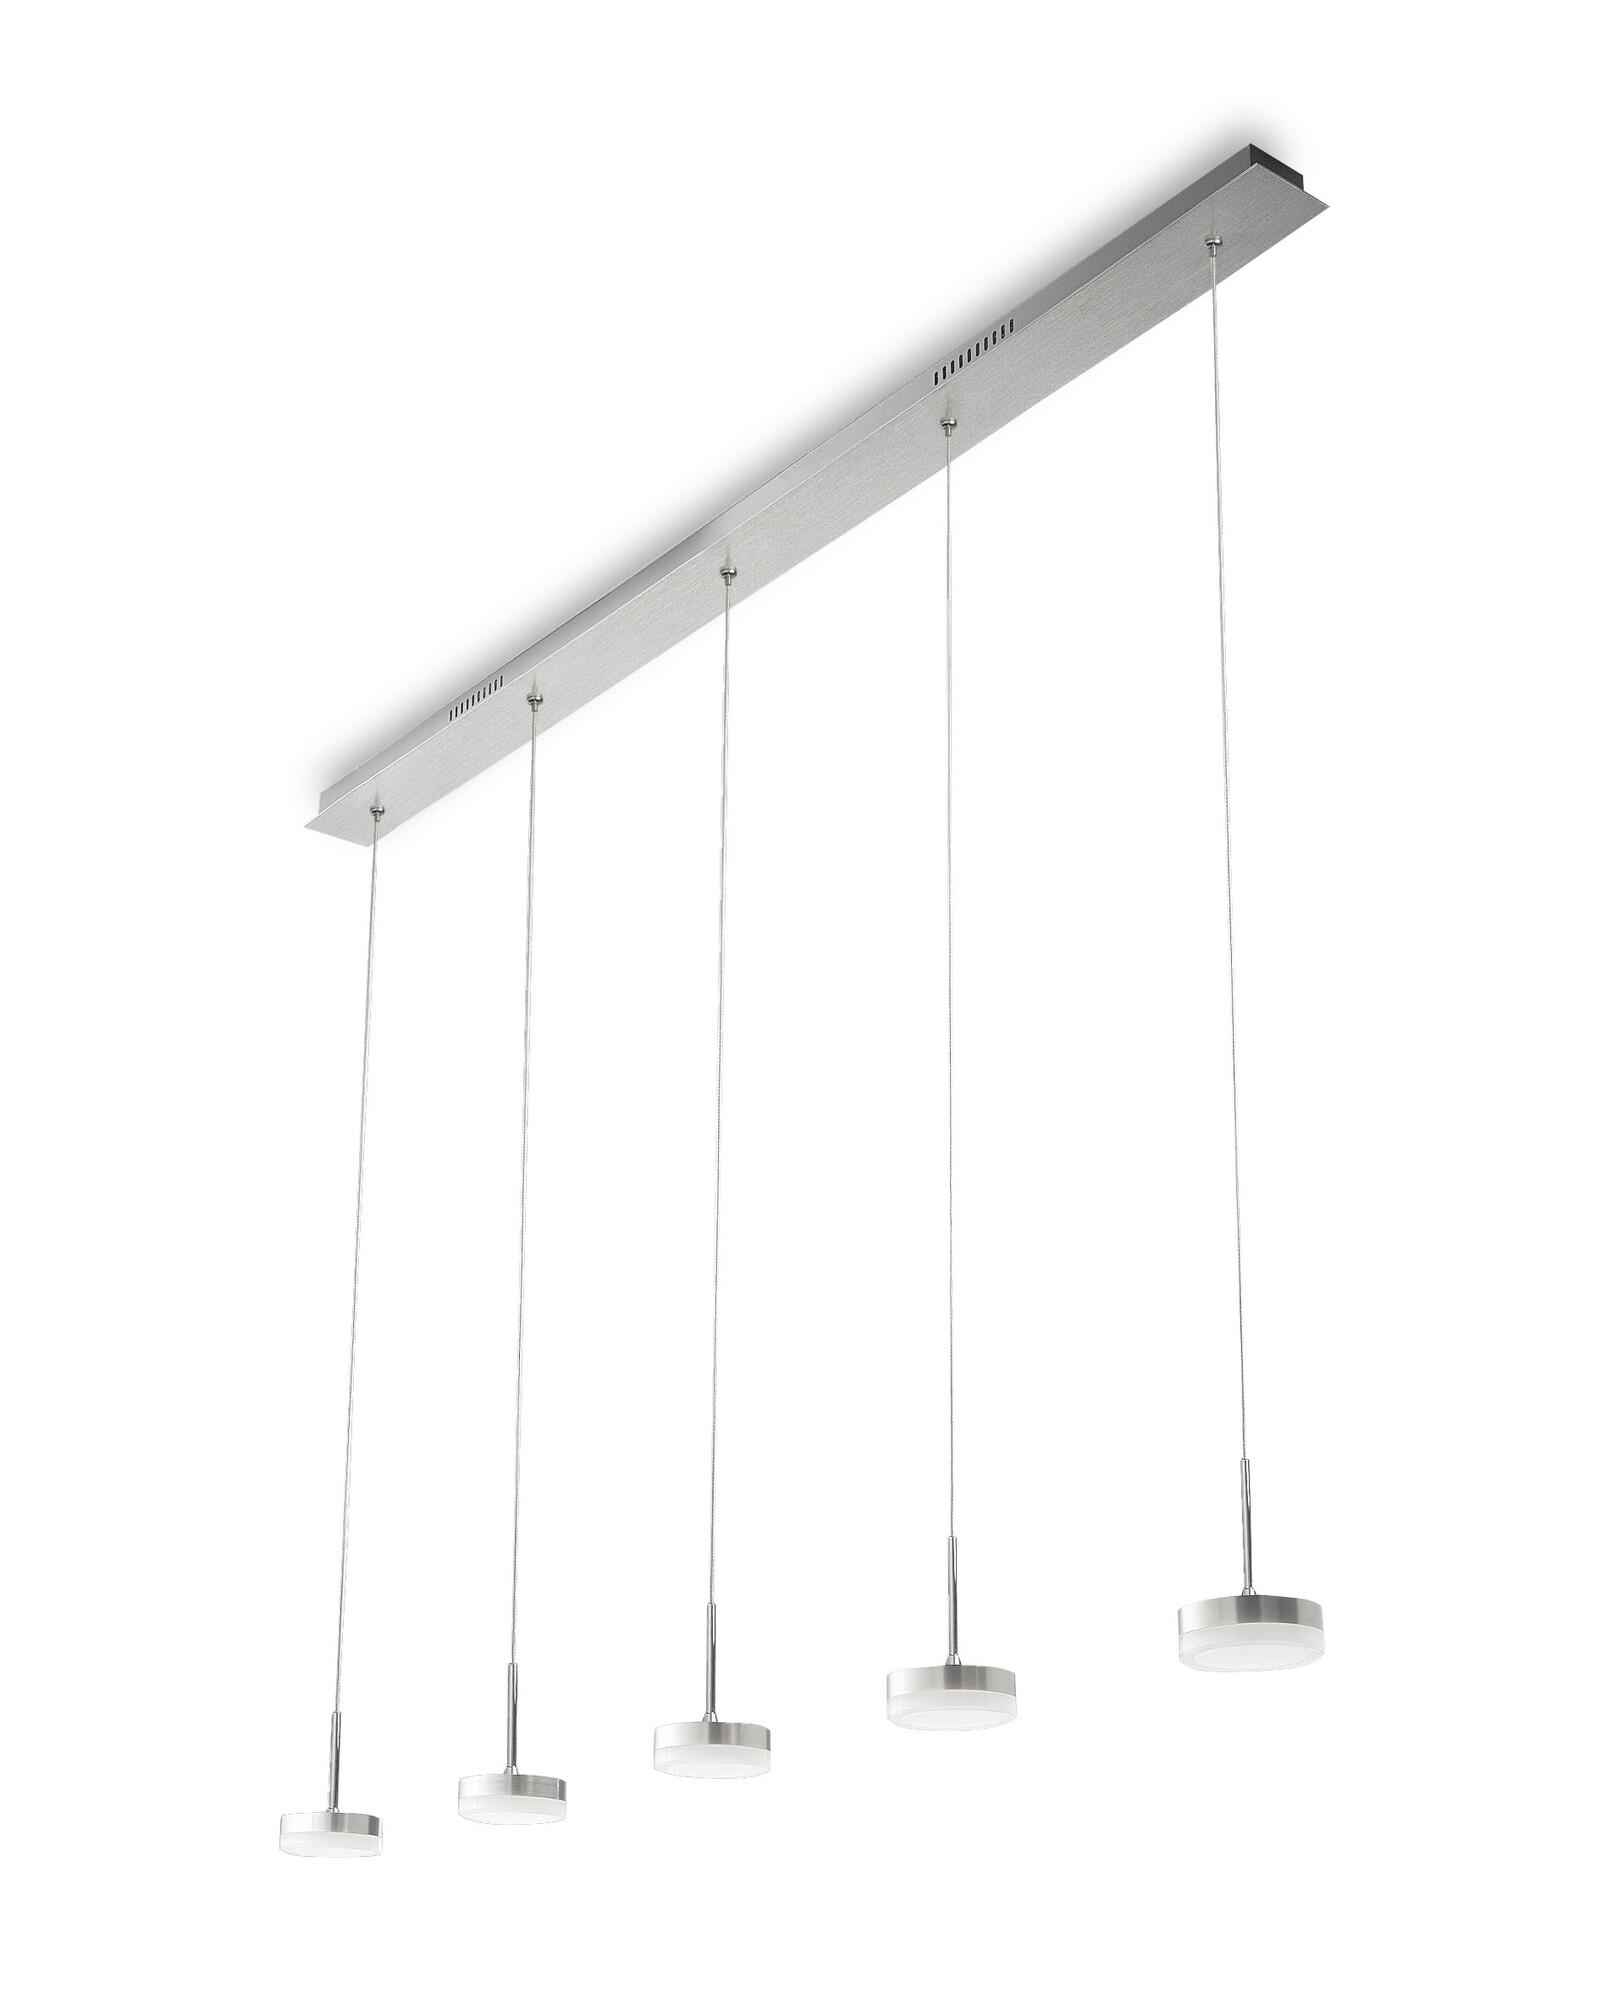 DUNK hanglampen